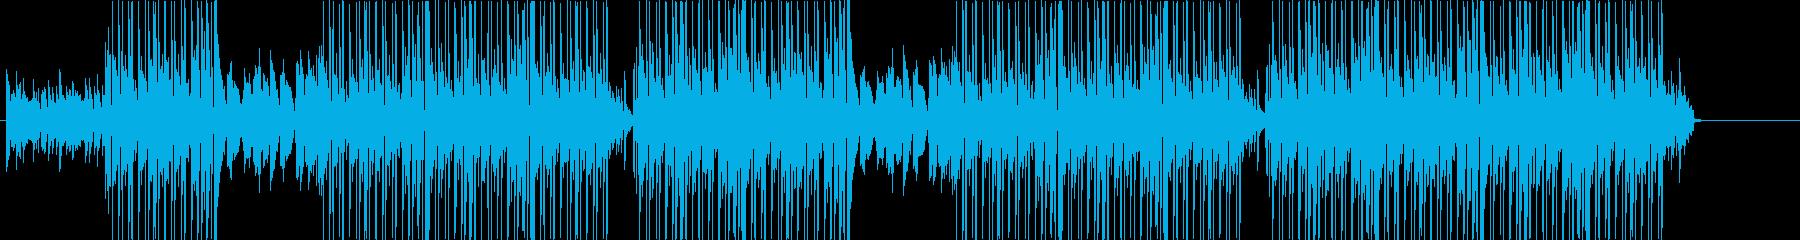 洋楽、ラテンヒップホップ、クラブ系♪の再生済みの波形